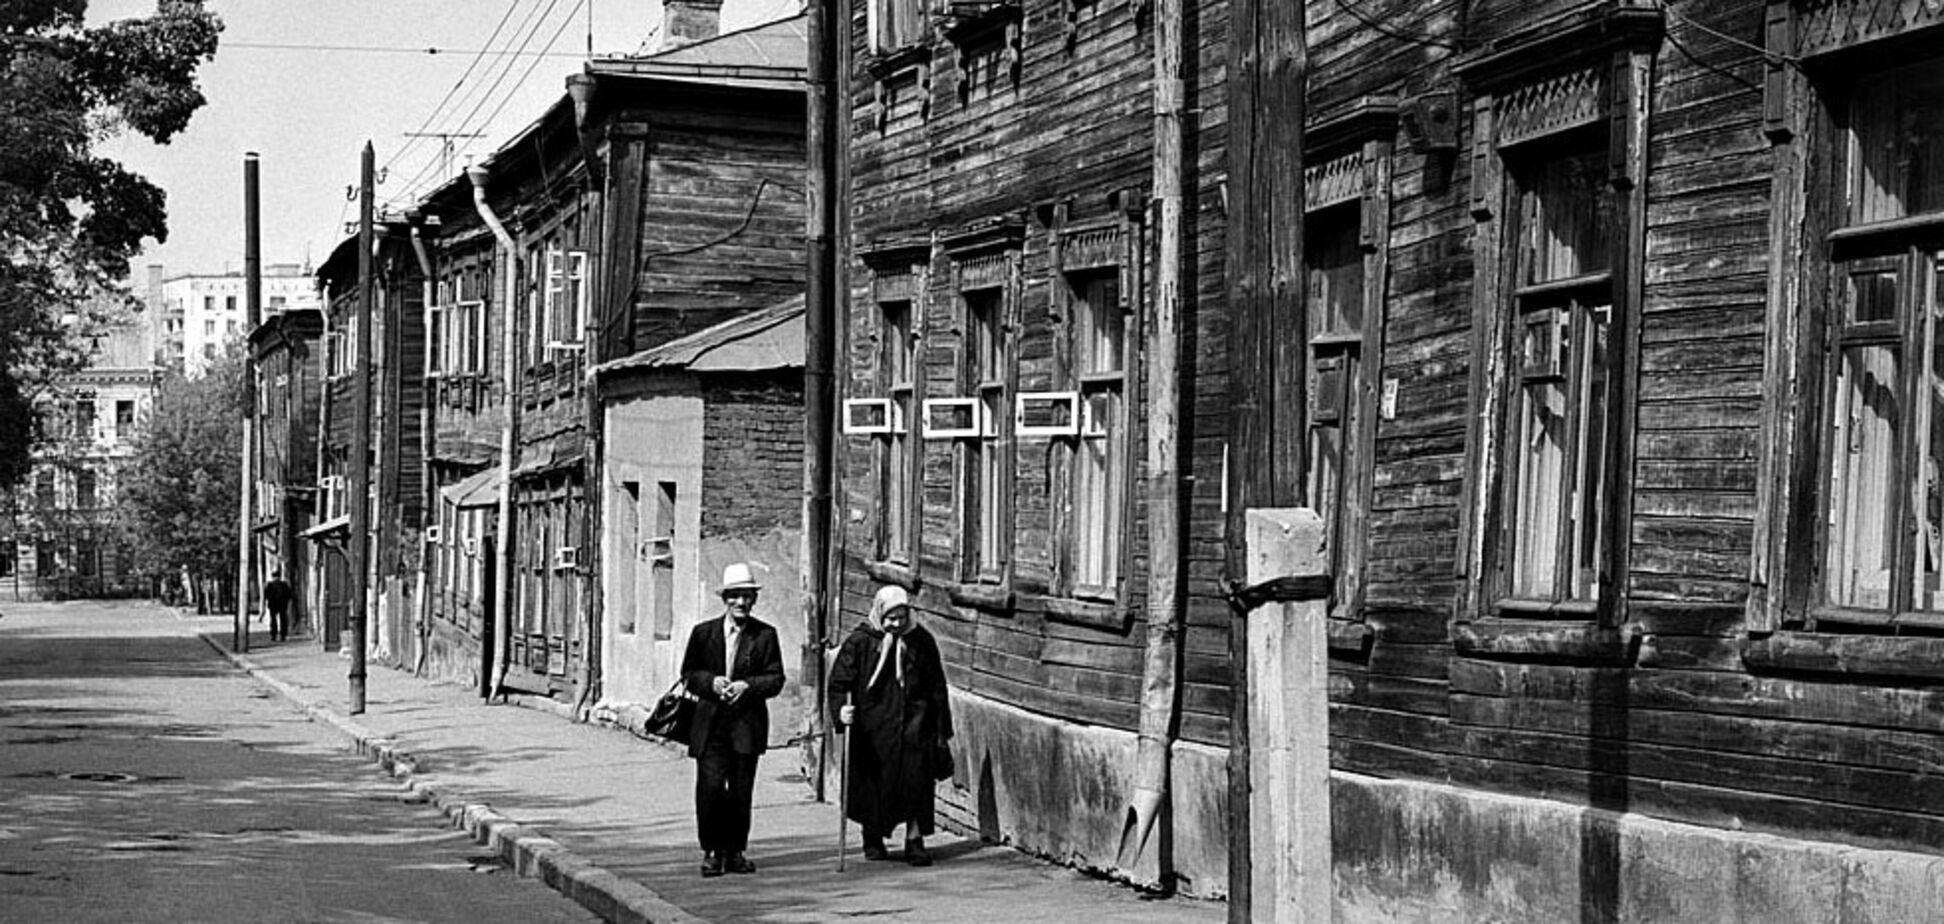 Реальный СССР на запрещенных фотографиях